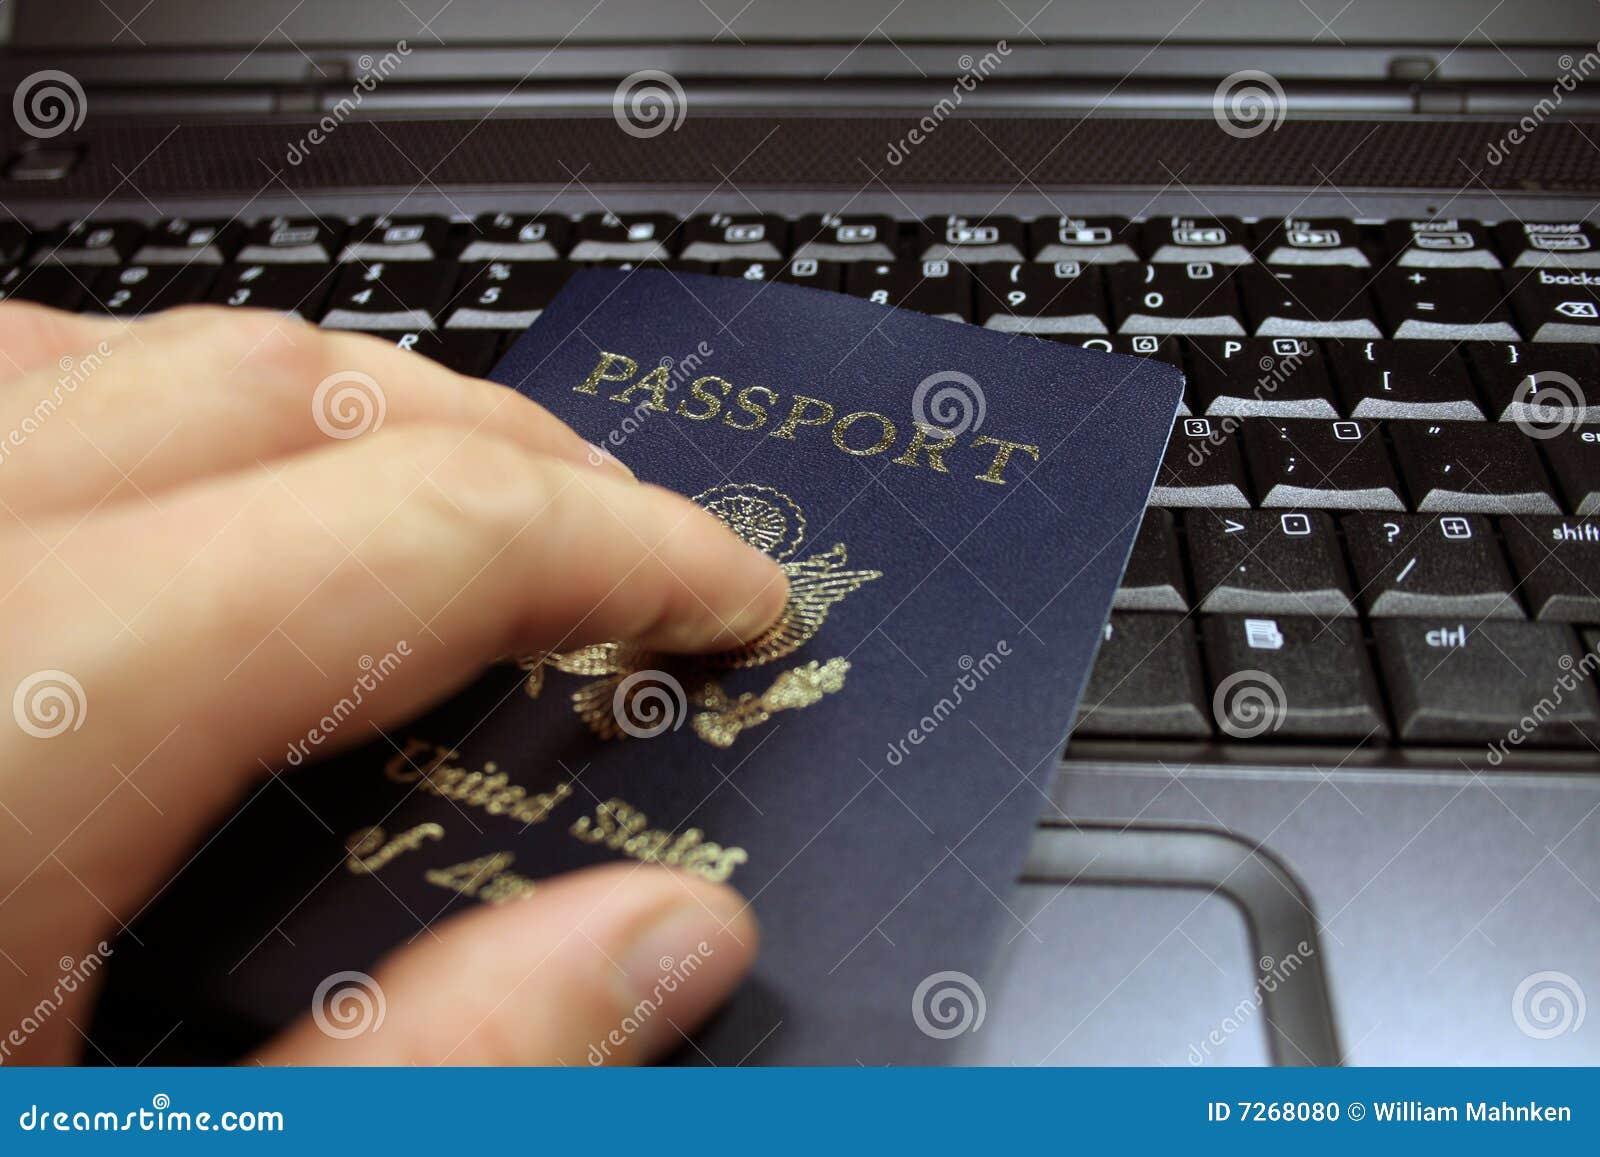 Passport on Laptop